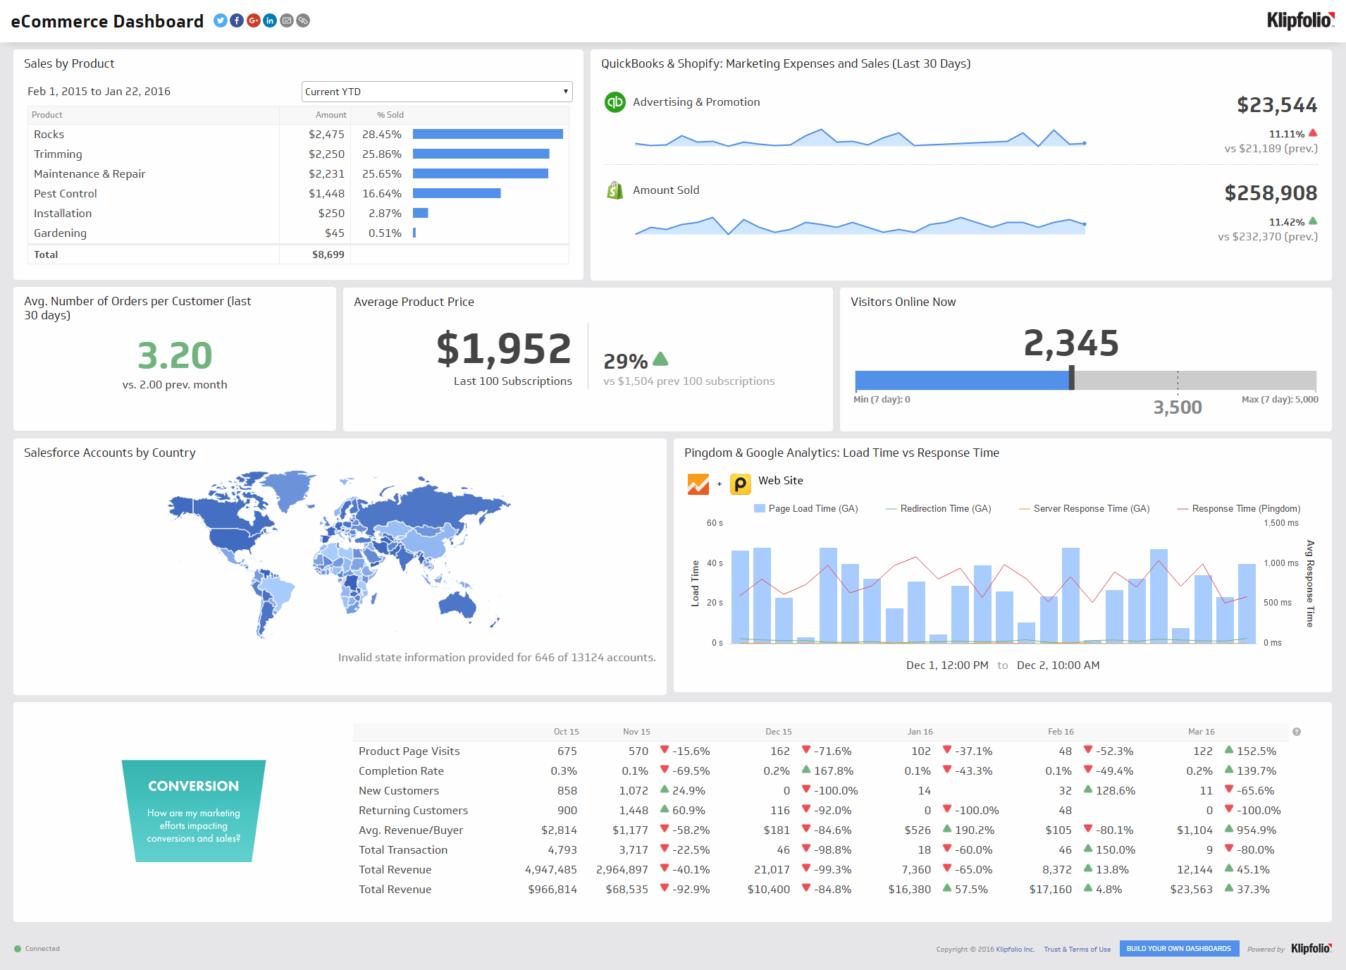 bonus spreadsheet template  Bonus Spreadsheet Template Intended For Dashboard Reportlate Ecommerce Marketing Example With Bonus Kpis Bonus Spreadsheet Template Printable Spreadshee